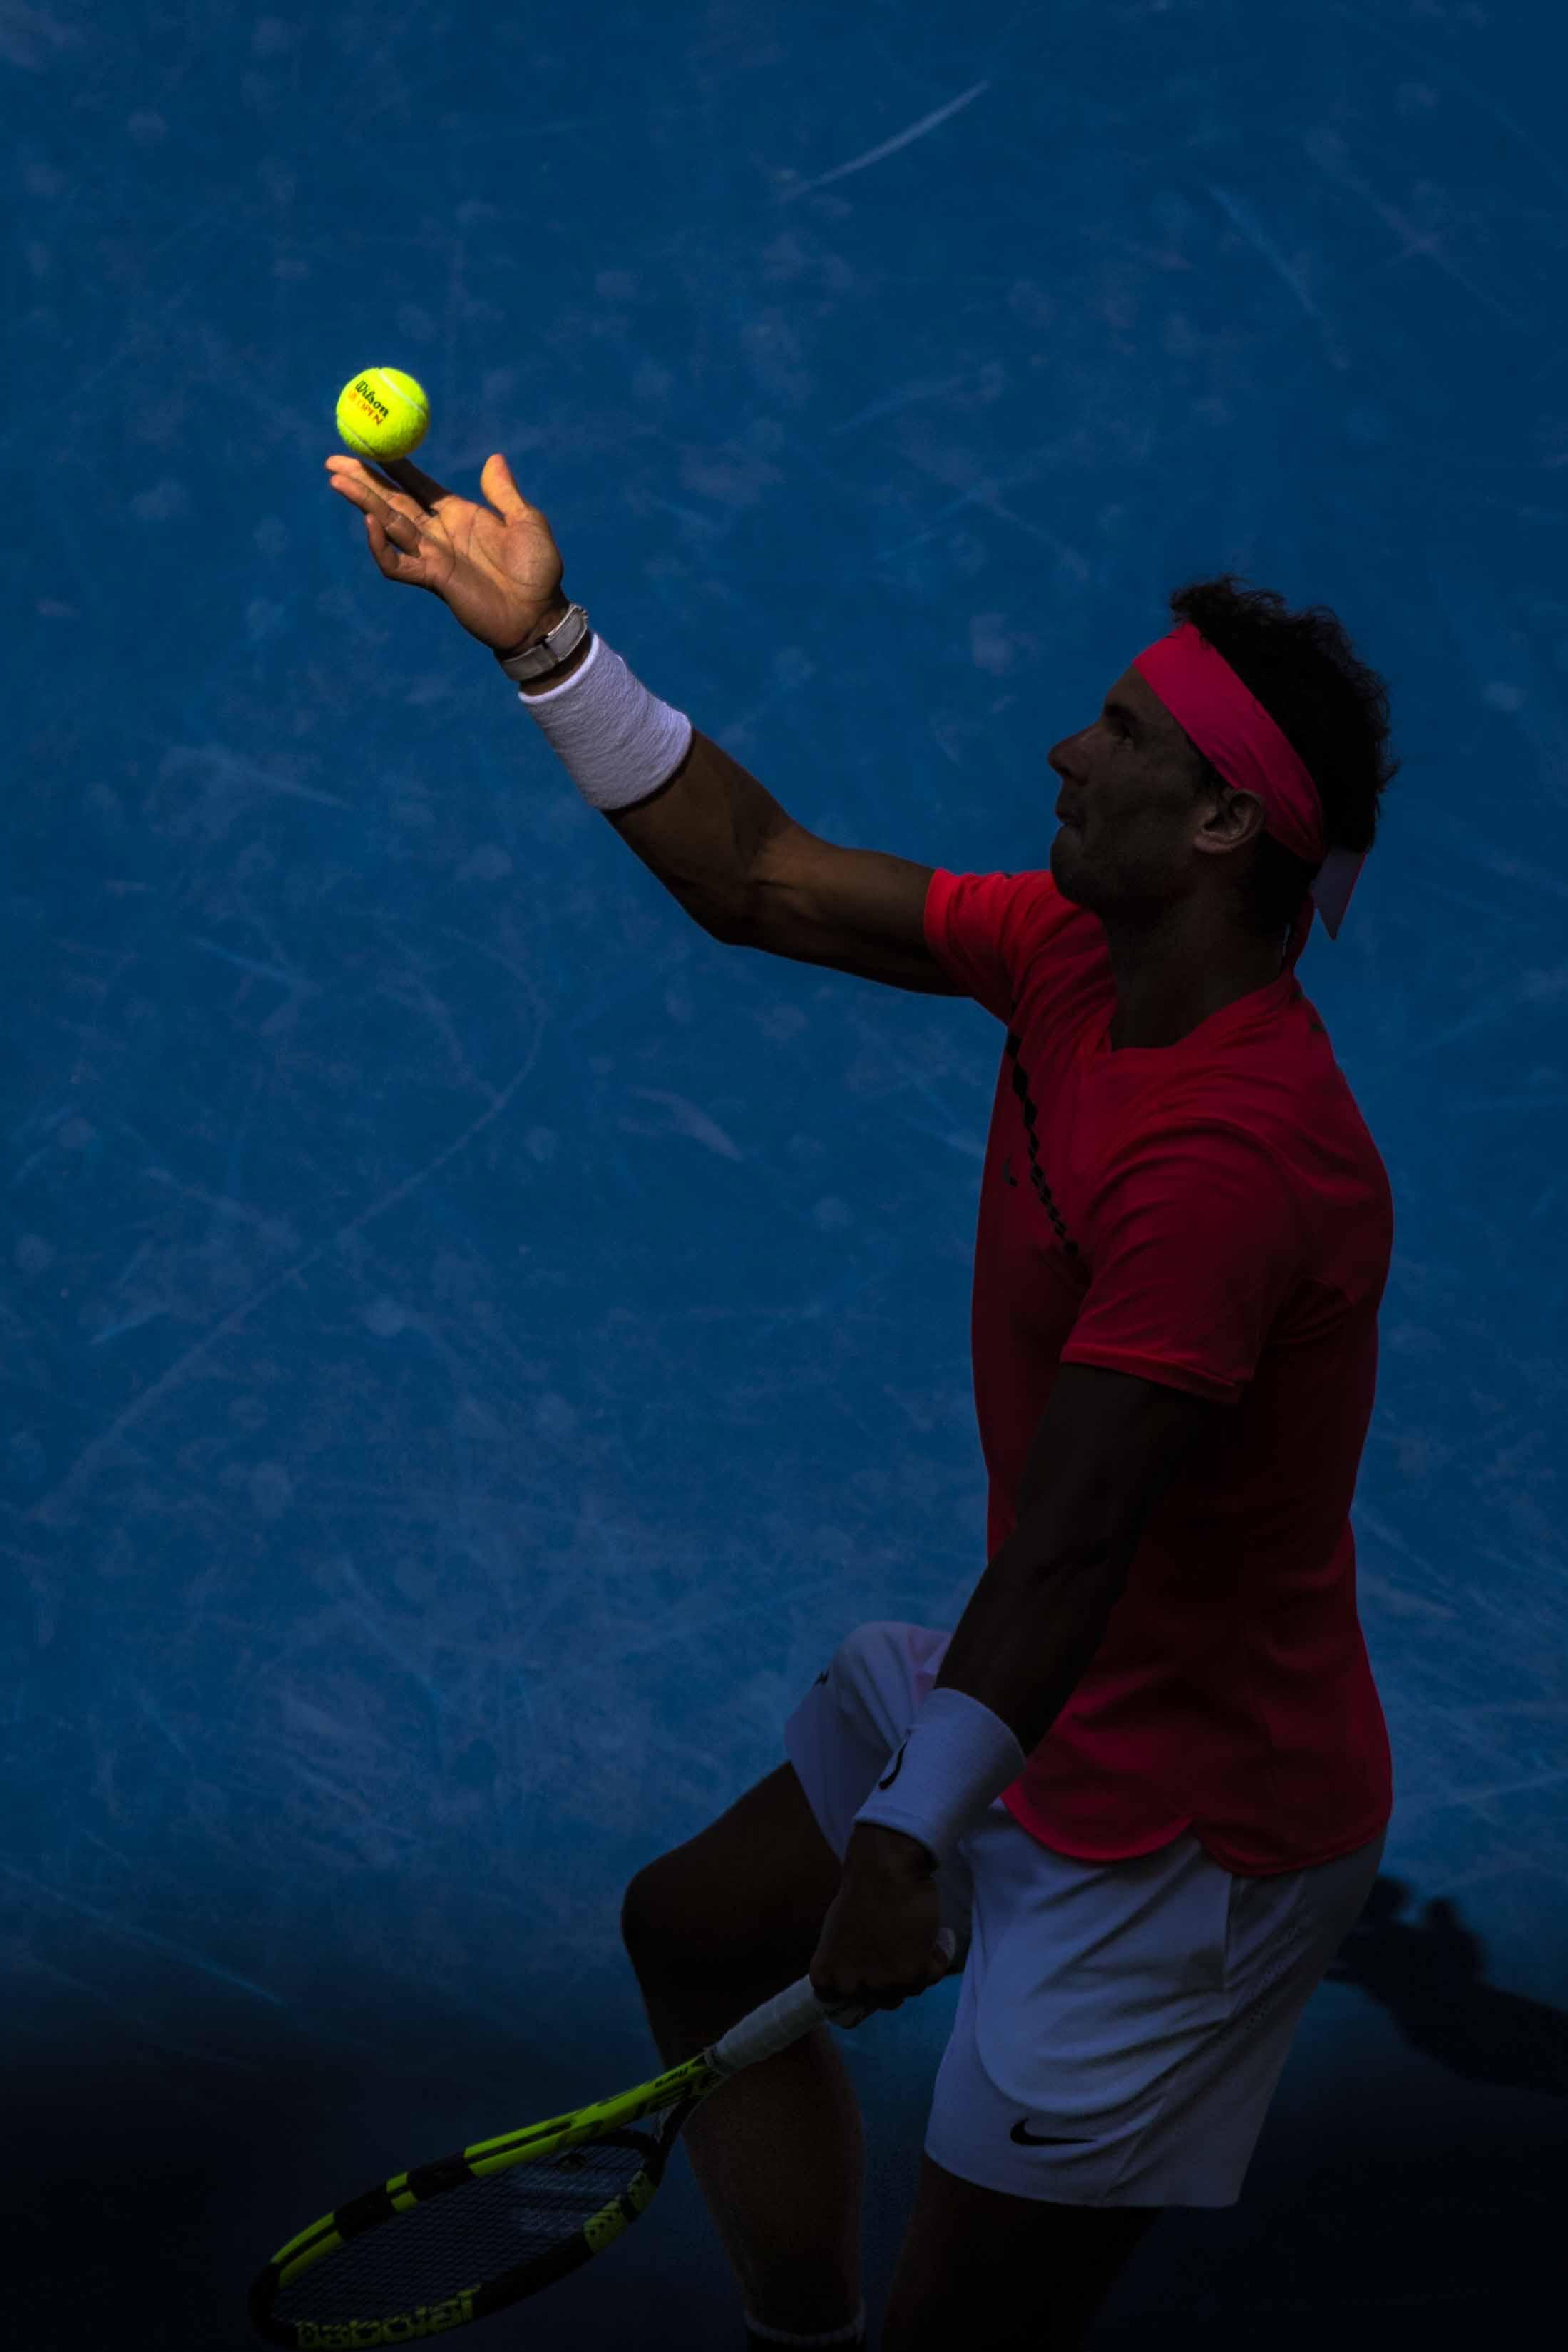 16th Grand Slam Win - Rafael Nadal (ESP)